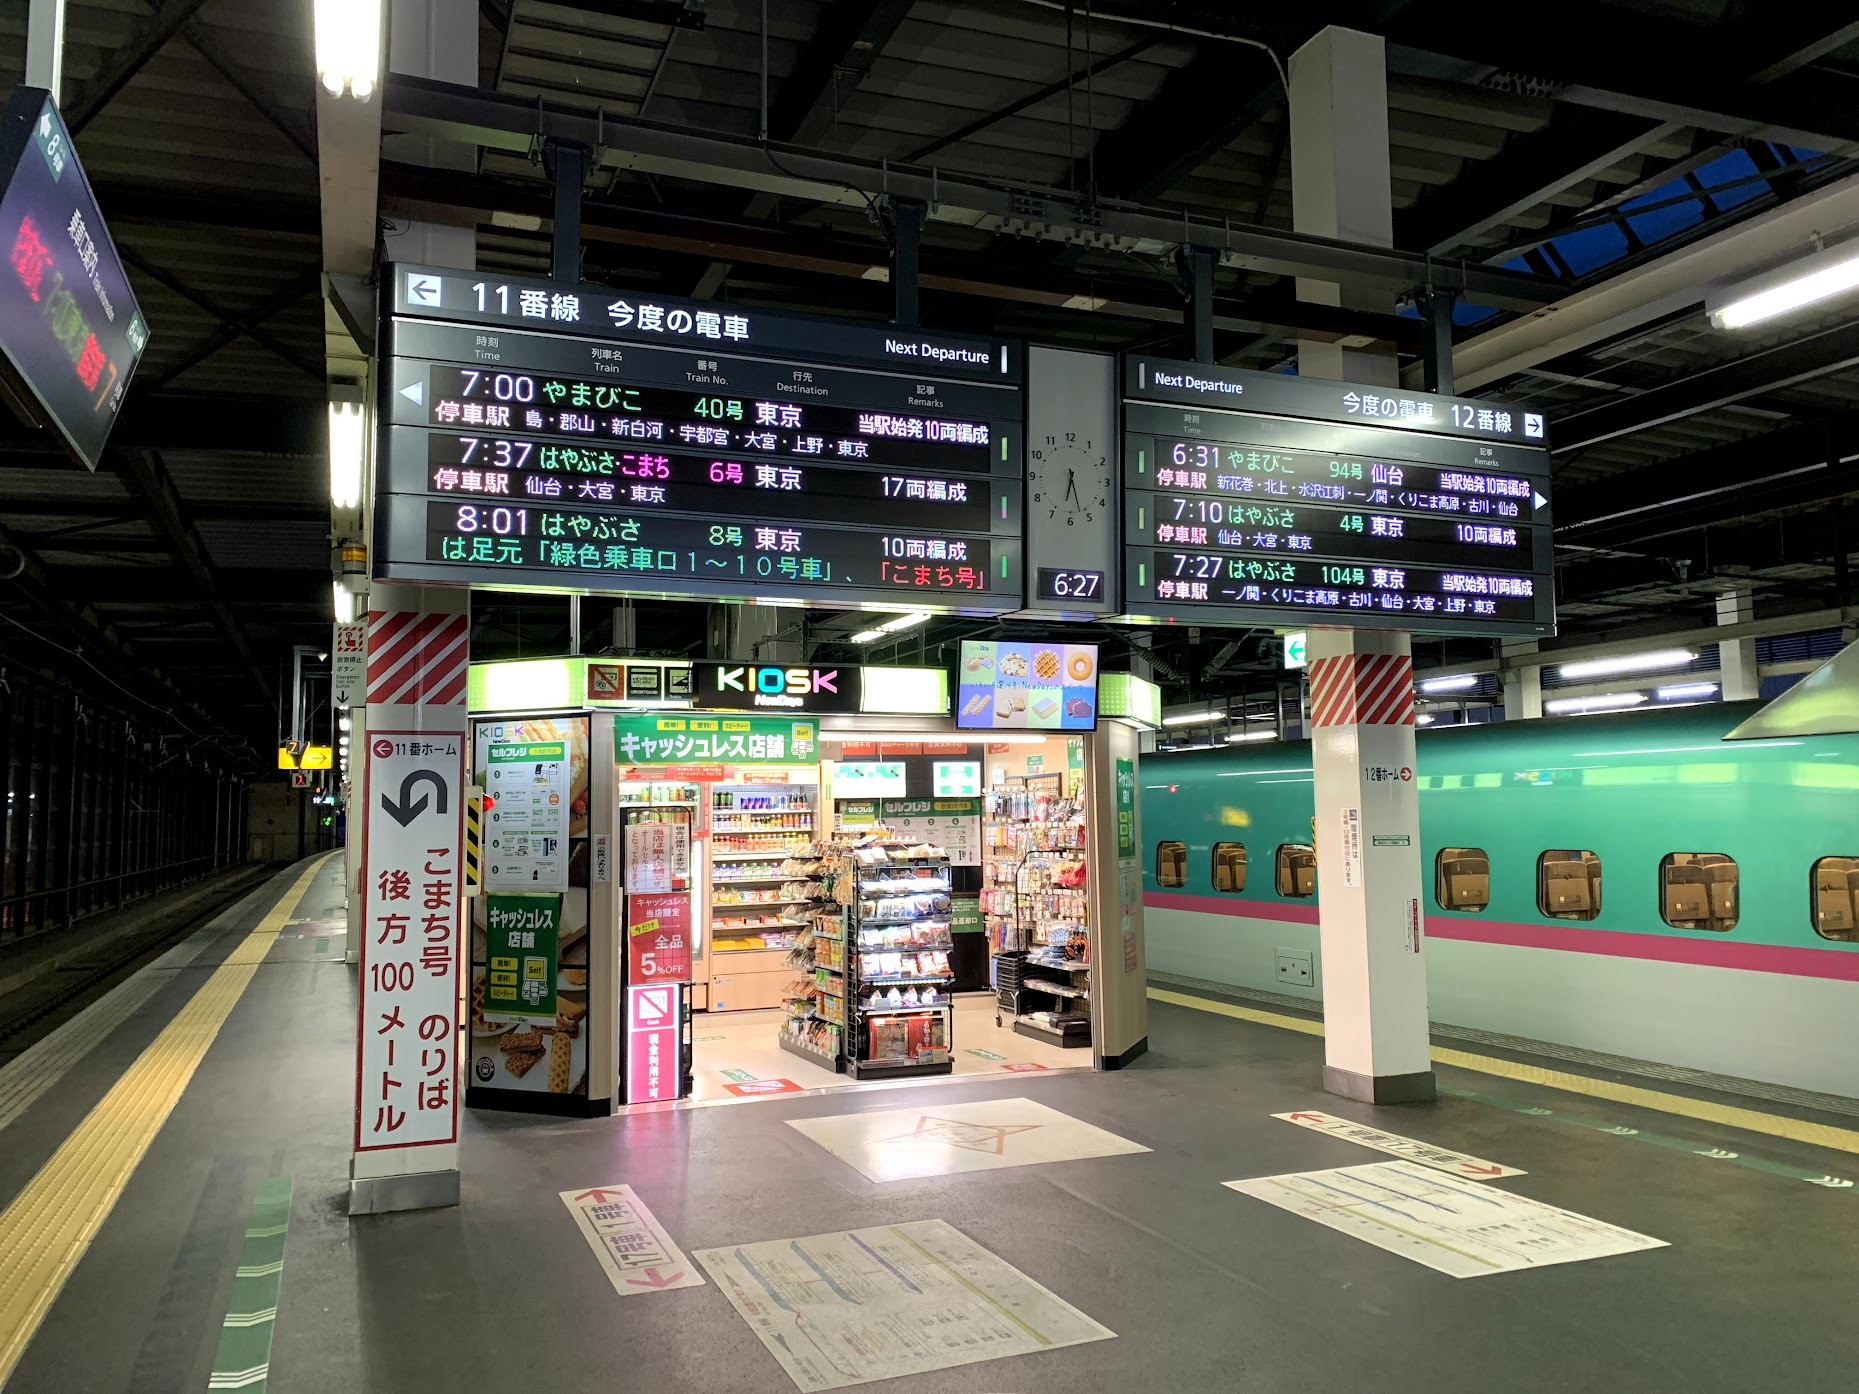 盛岡駅の新幹線ホームに無人店舗ができたと聞いて